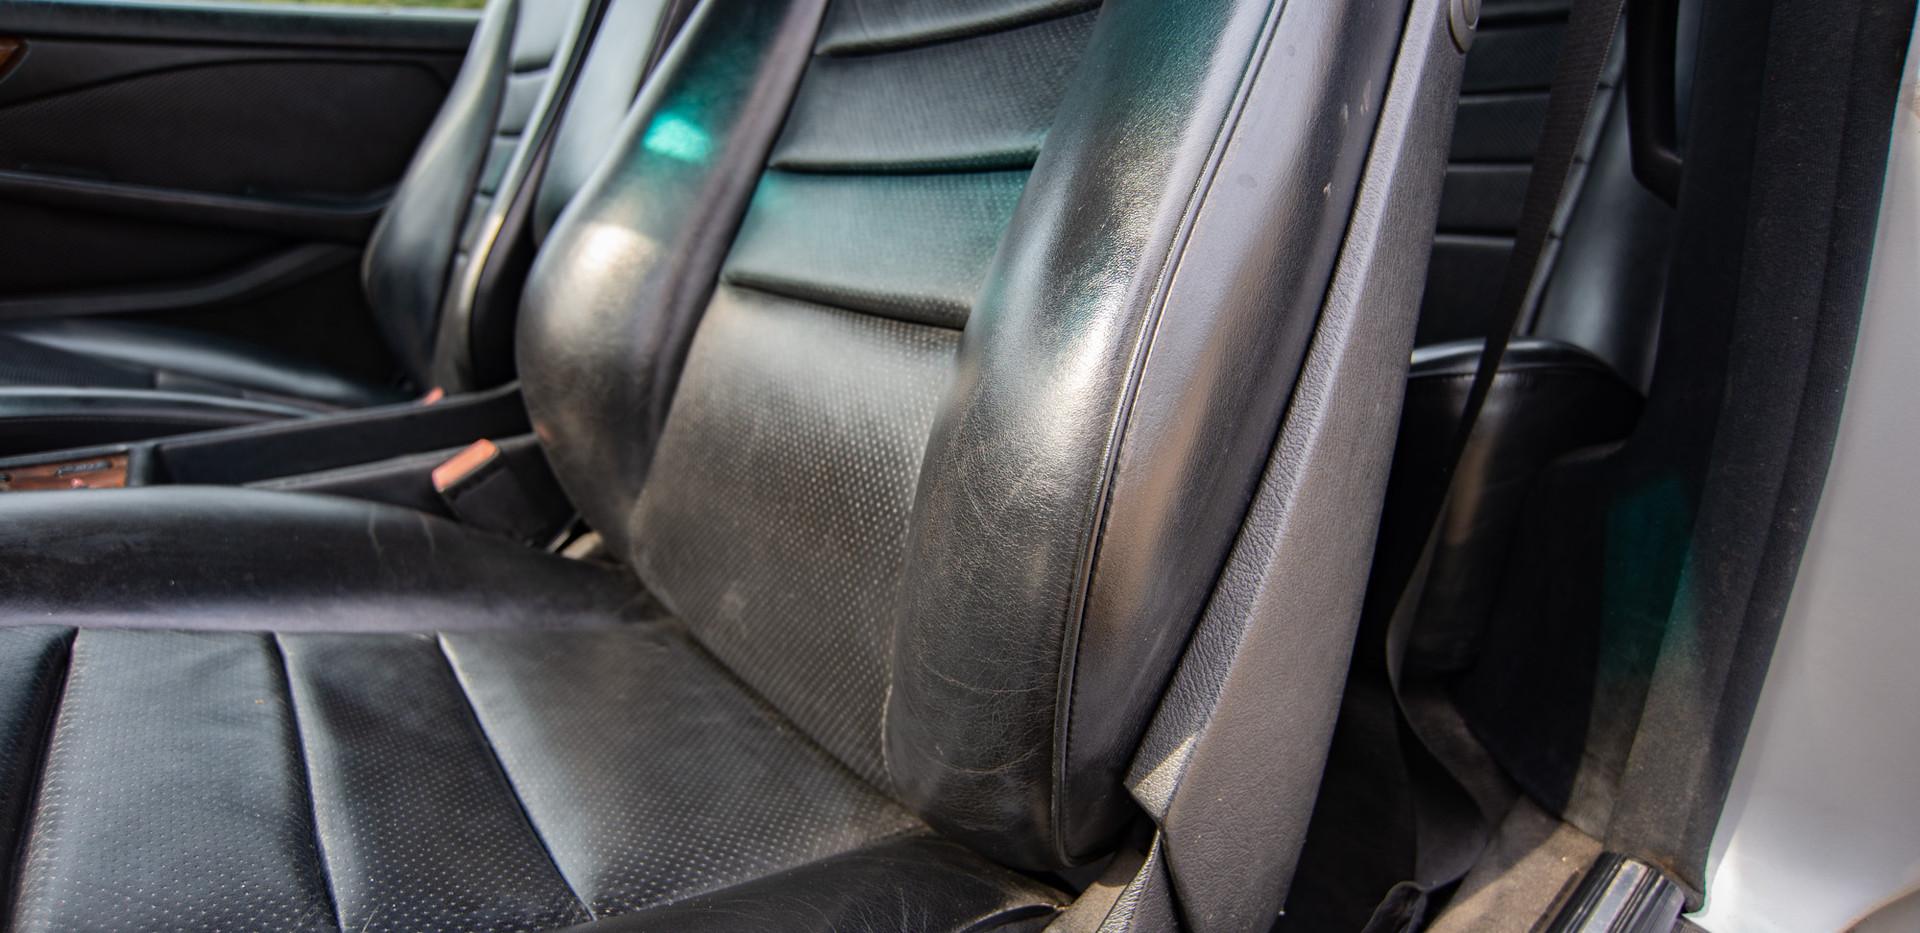 W126 420SEC - Uk for sale london-39.jpg